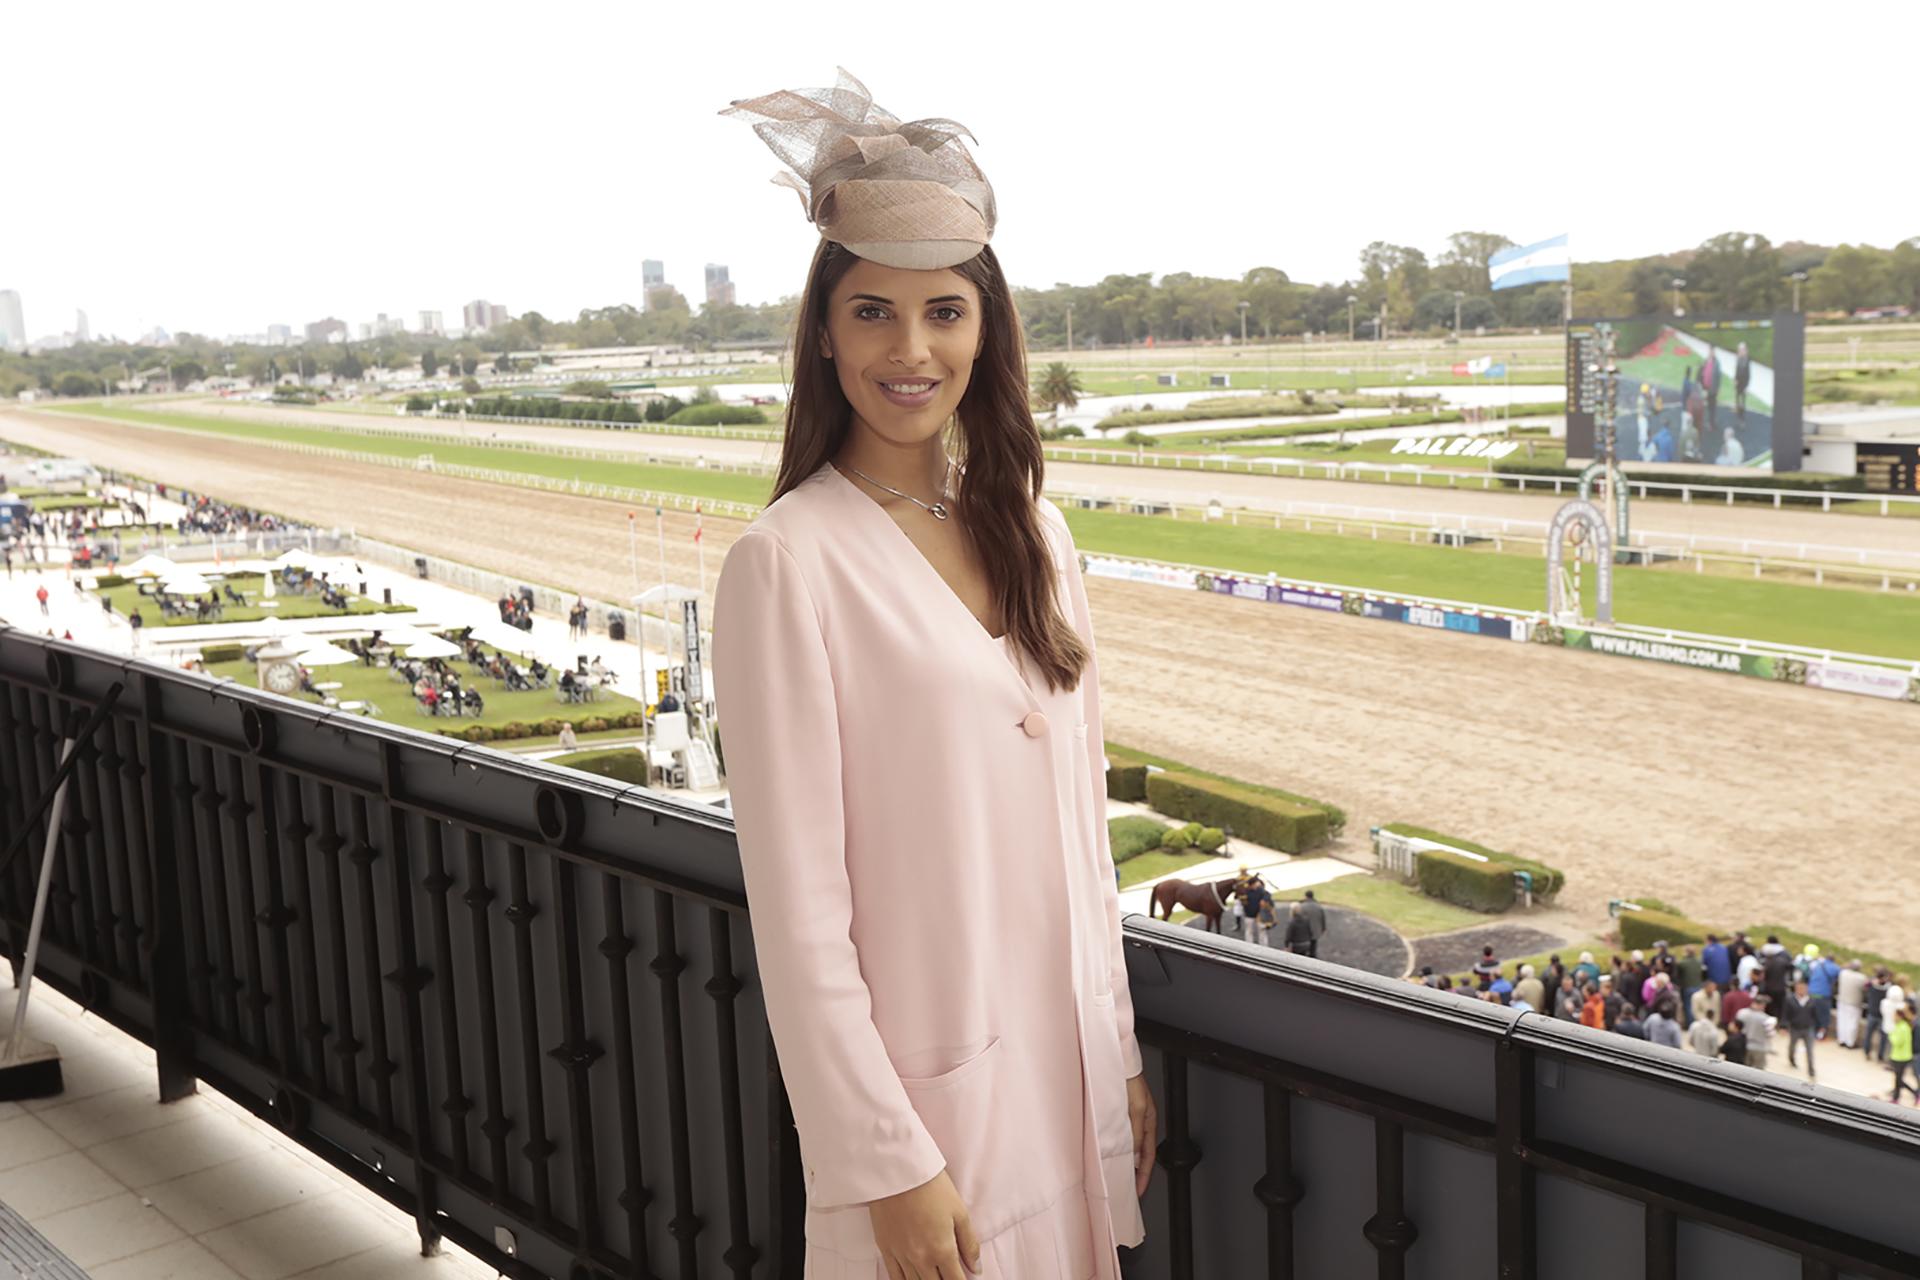 Taina Laurino Ferreira